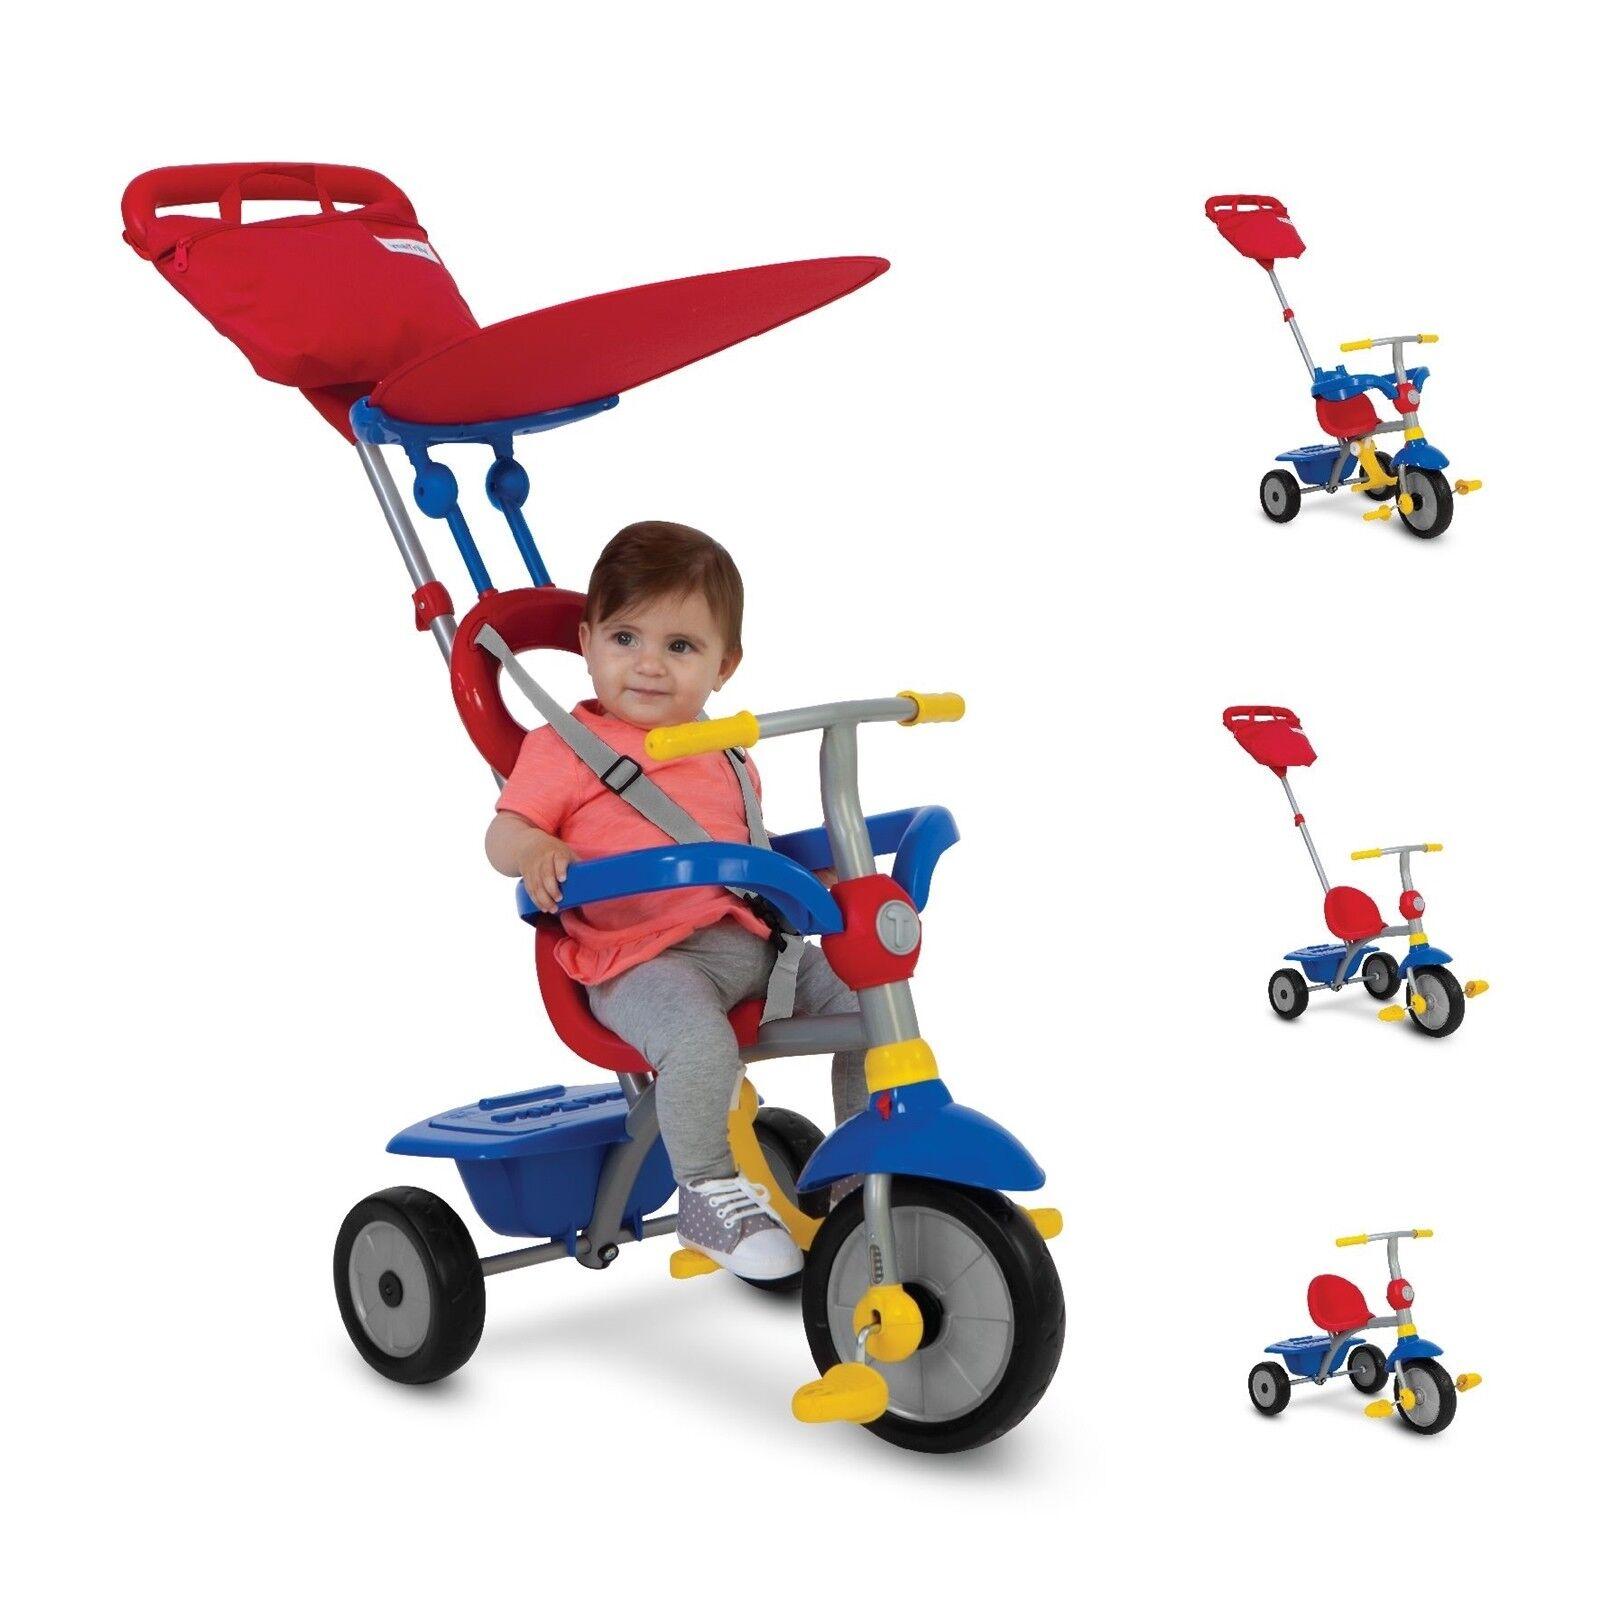 SmarTrike Zip Plus Dreirad Dreirädchen 4 in 1 Dreirädchen Dreirad Rot-Blau-Gelb 0eab83